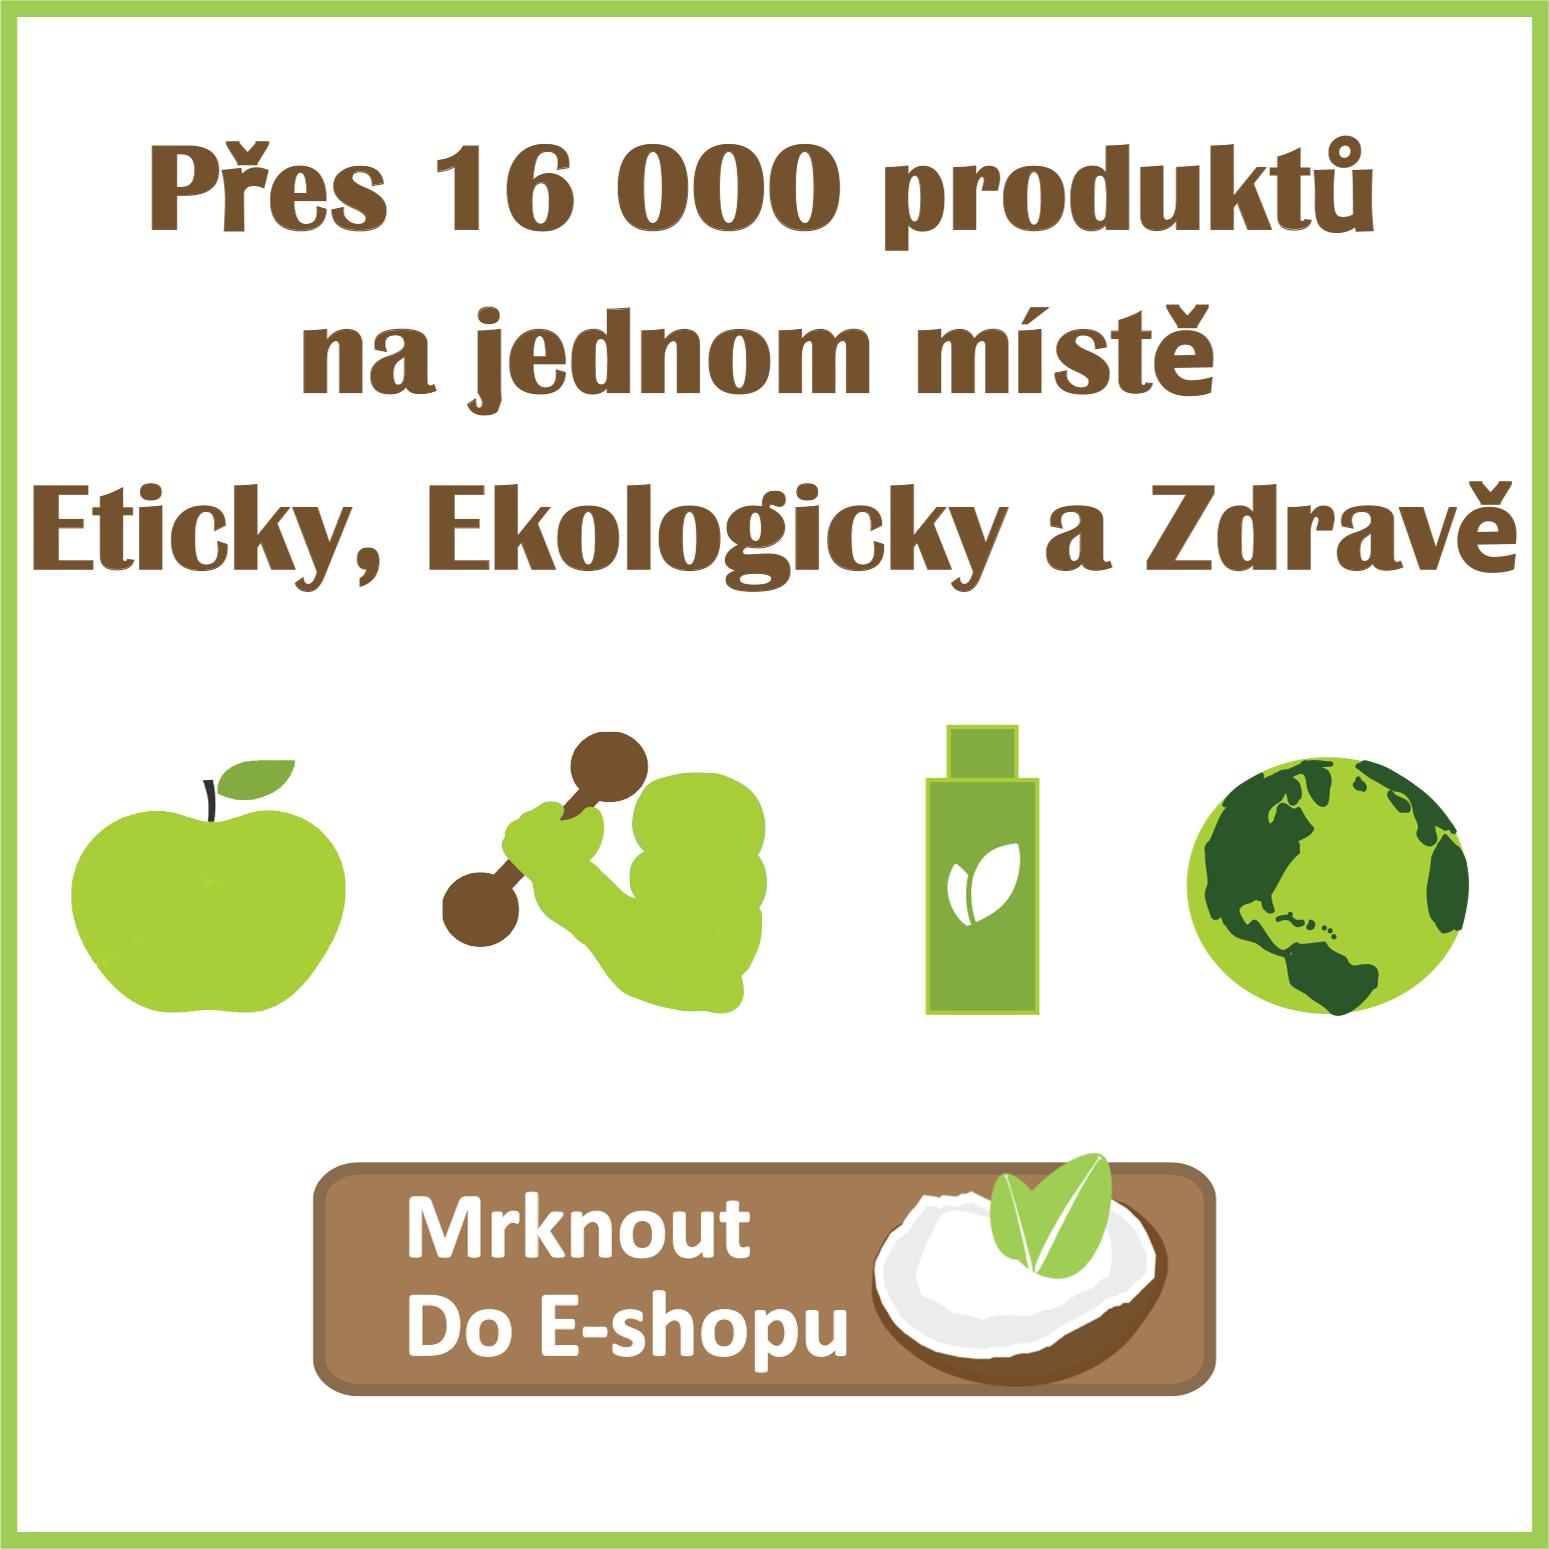 Banner 2 - Cocowoods.cz - Eticky, Ekologicky a Zdravě na jednom místě